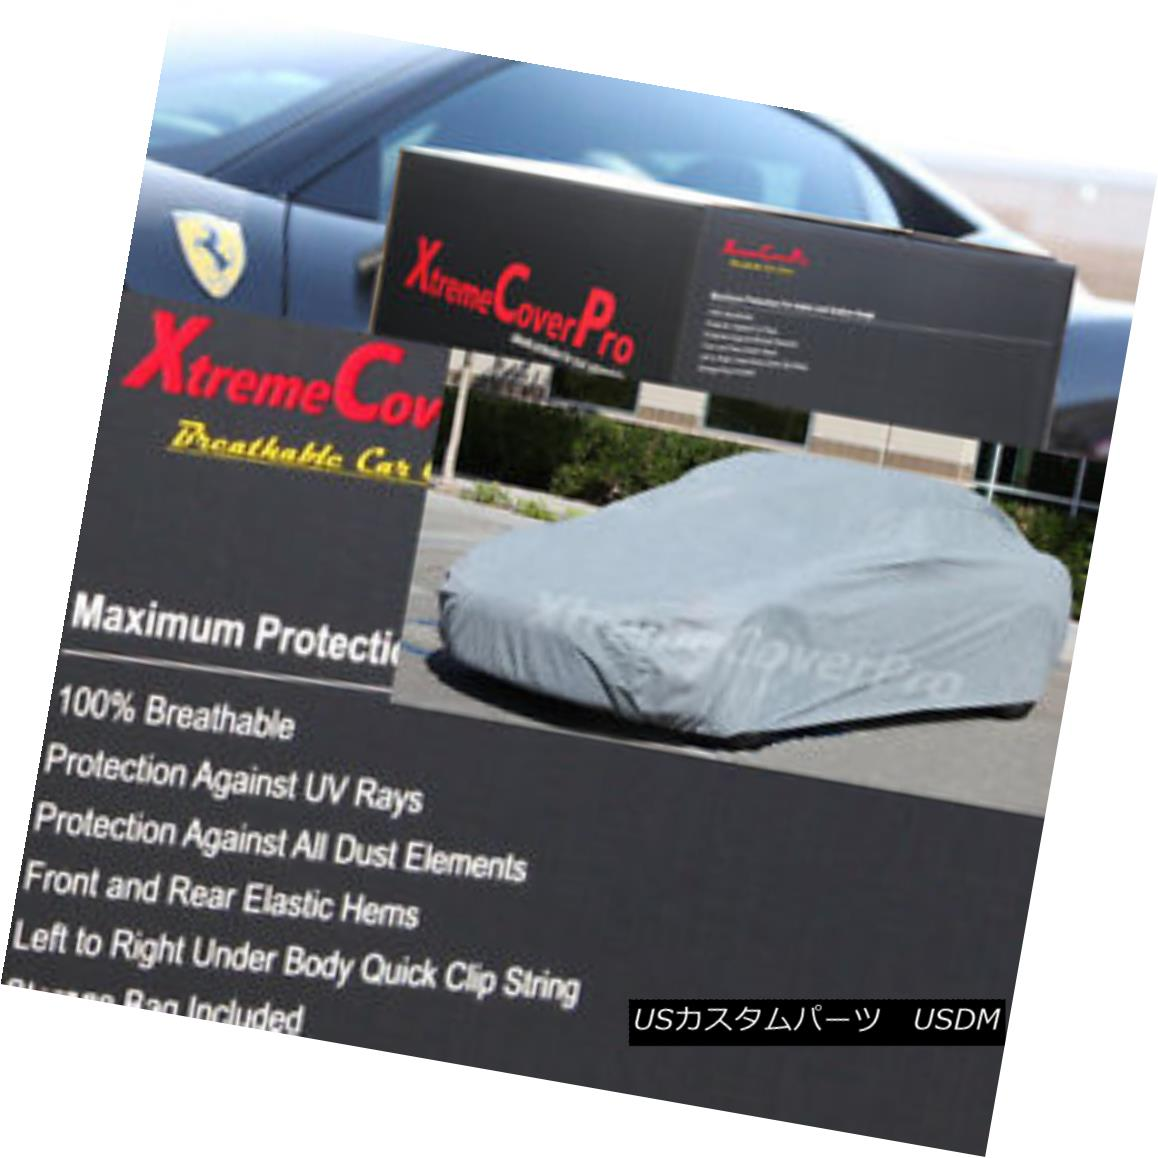 カーカバー 2005 2006 2007 2008 Mercedes SLK280 SLK350 Breathable Car Cover 2005年2006年2007年2008年メルセデスSLK280 SLK350通気性車カバー